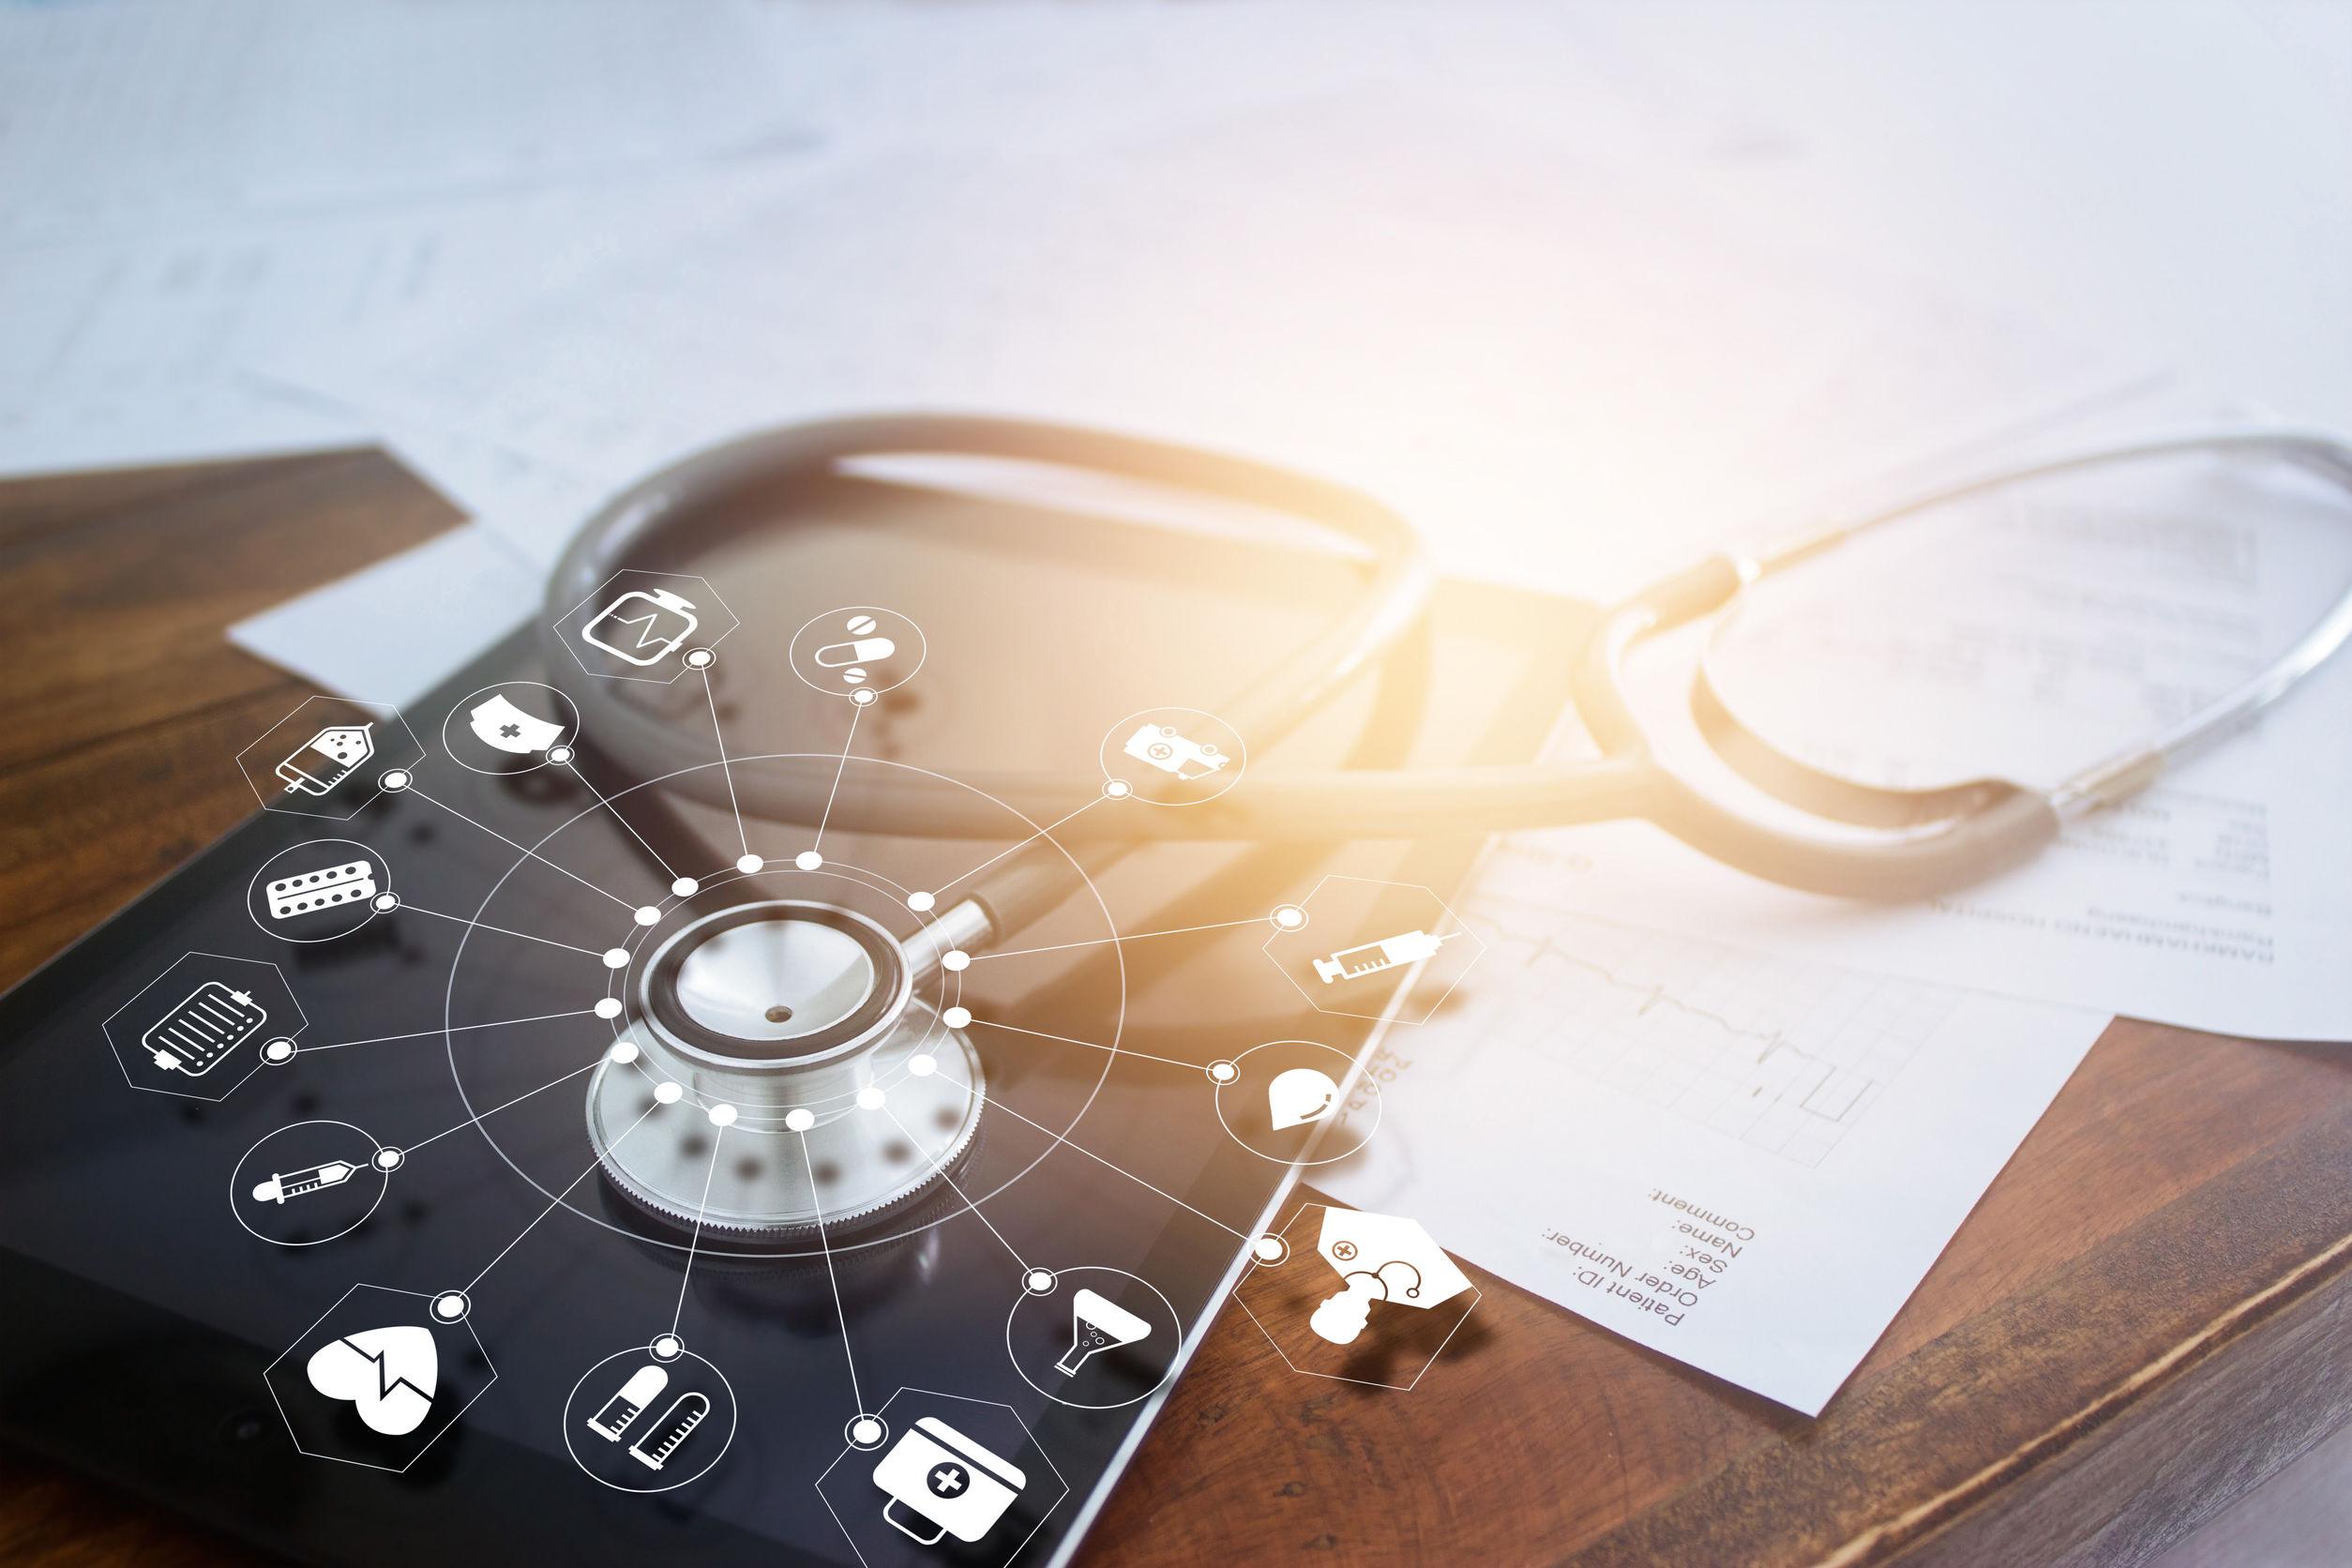 Le numérique au cœur de la santé